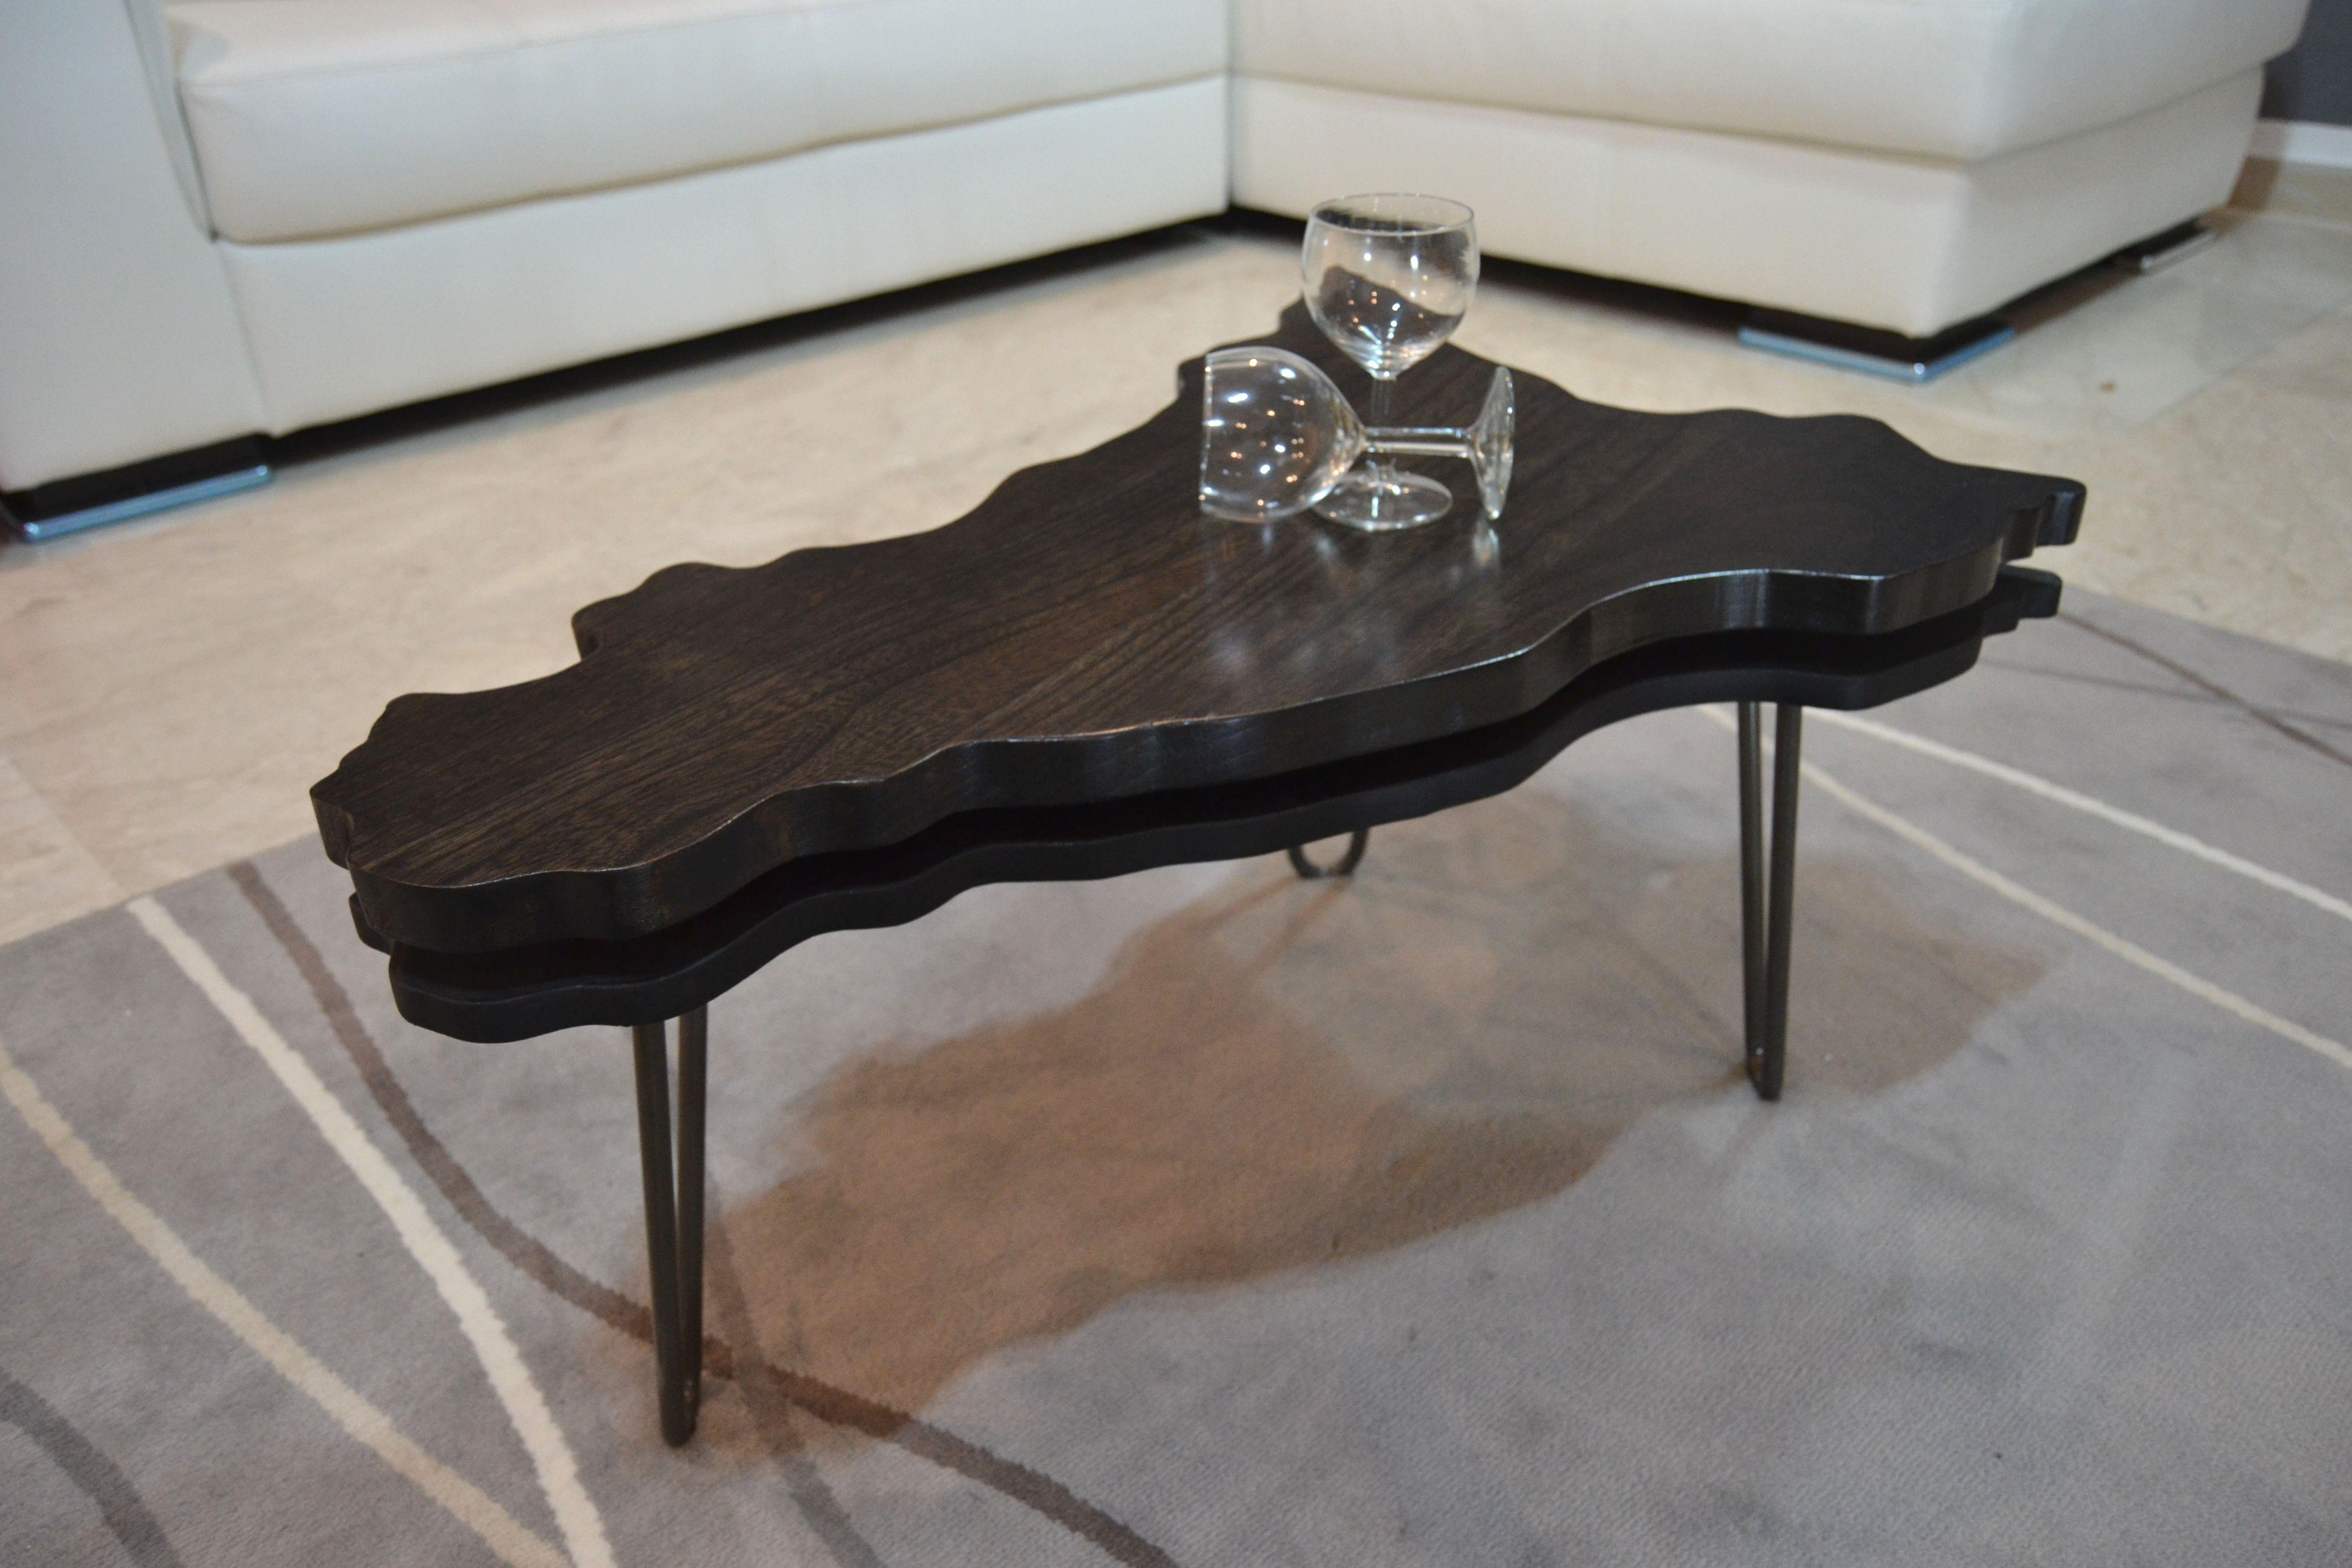 Tavolino Da Salotto Moderno.Tavolino Salotto Moderno Design Unico Tavolino Salotto